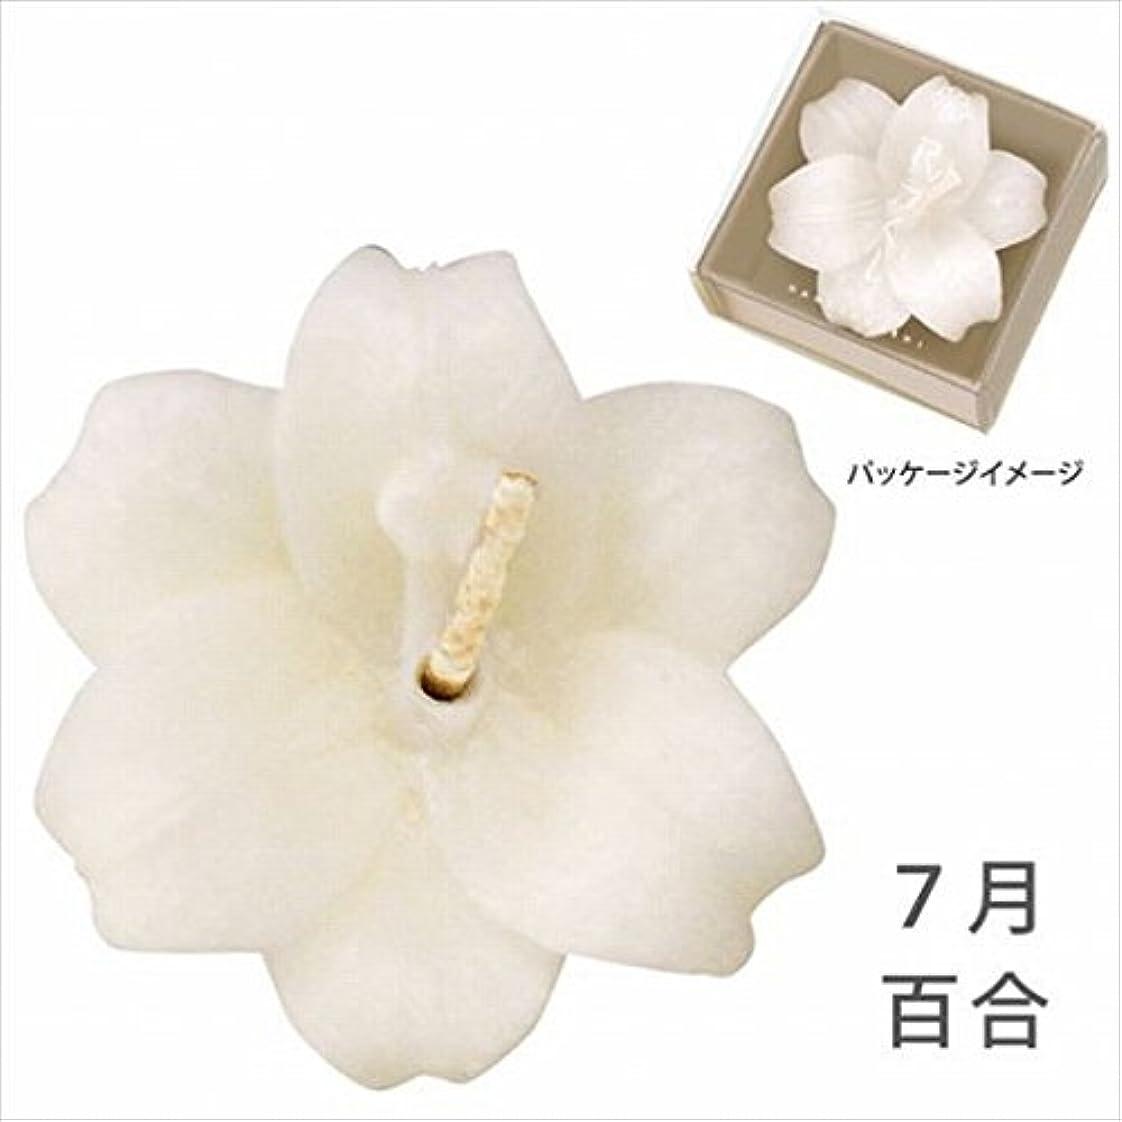 案件揮発性バイオリンカメヤマキャンドル(kameyama candle) 花づくし(植物性) 百合 「 百合(7月) 」 キャンドル